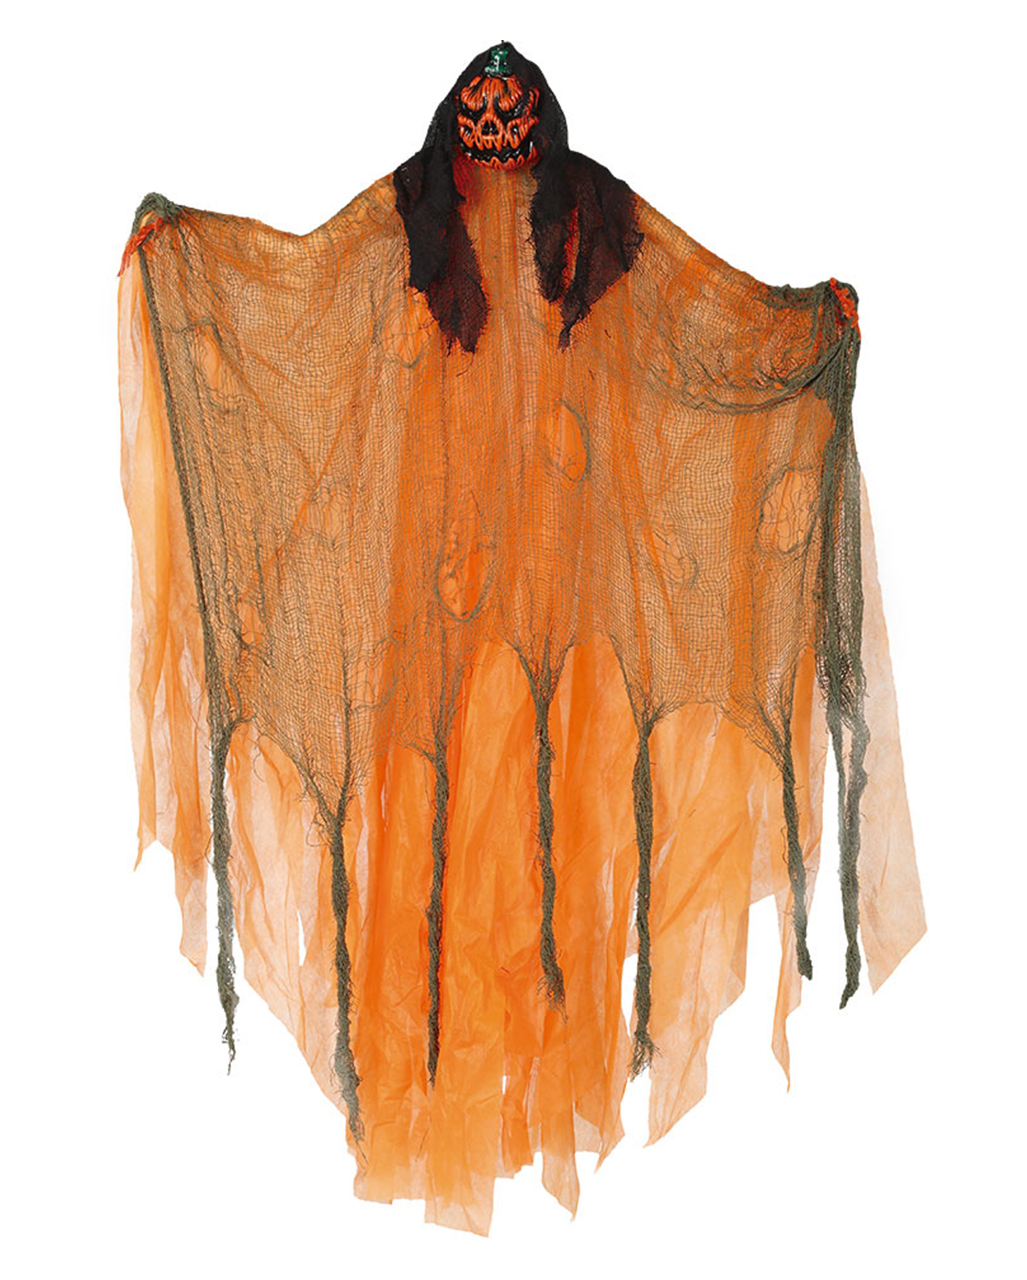 pumpkin hanging figure for halloween deco 120cm ✩ | horror-shop